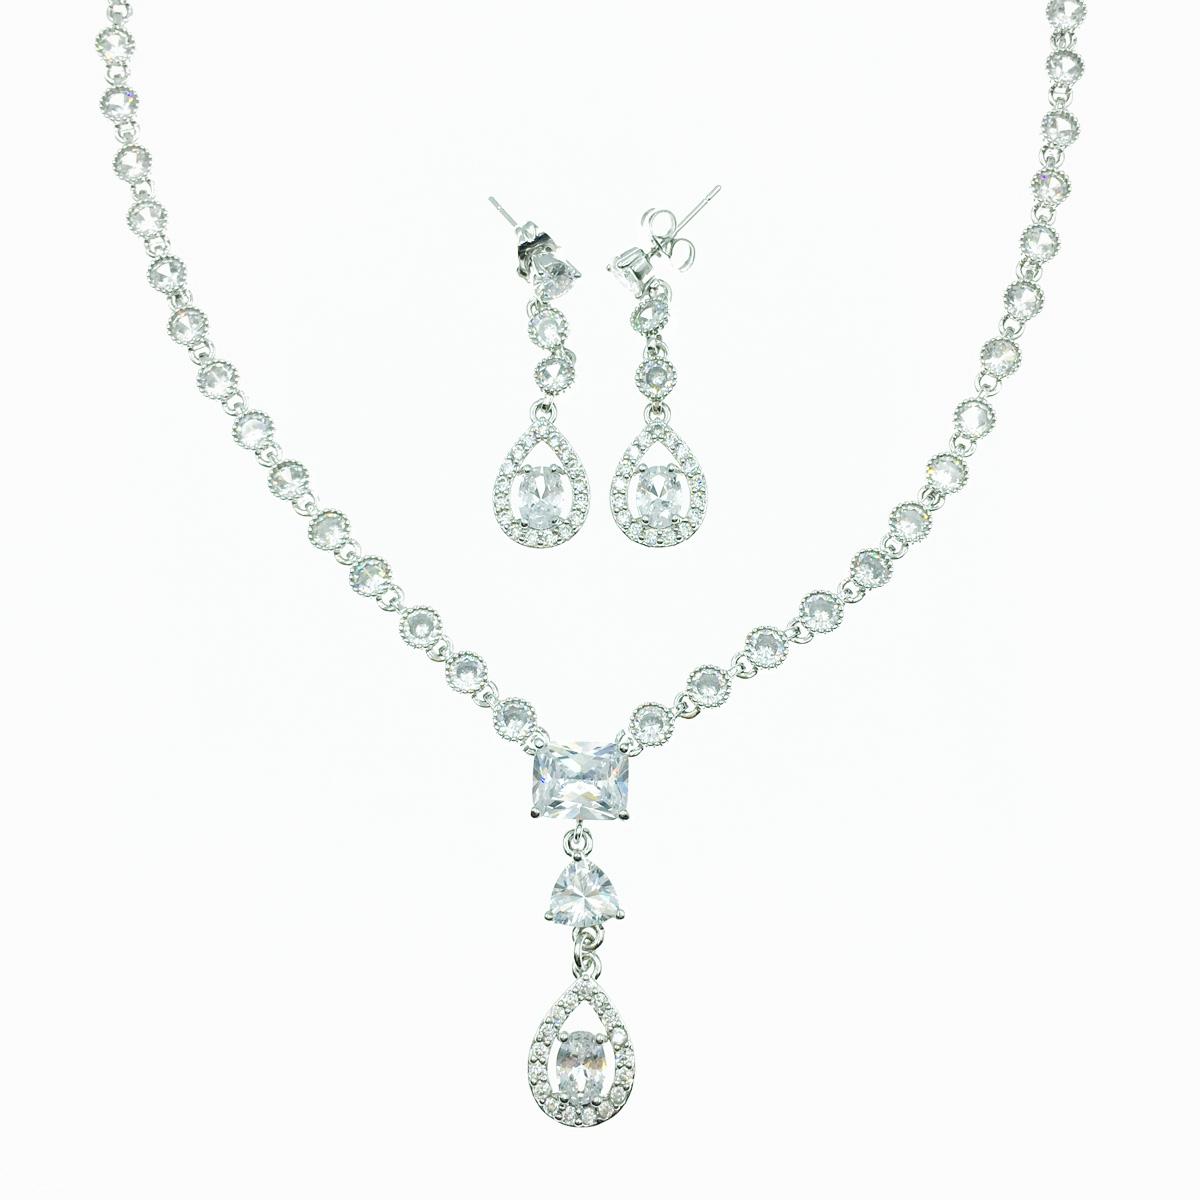 簍空水滴水鑽 圓鑽 垂墜感 耳針式耳環項鍊套組 採用施華洛世奇水晶元素 Crystals from Swarovski